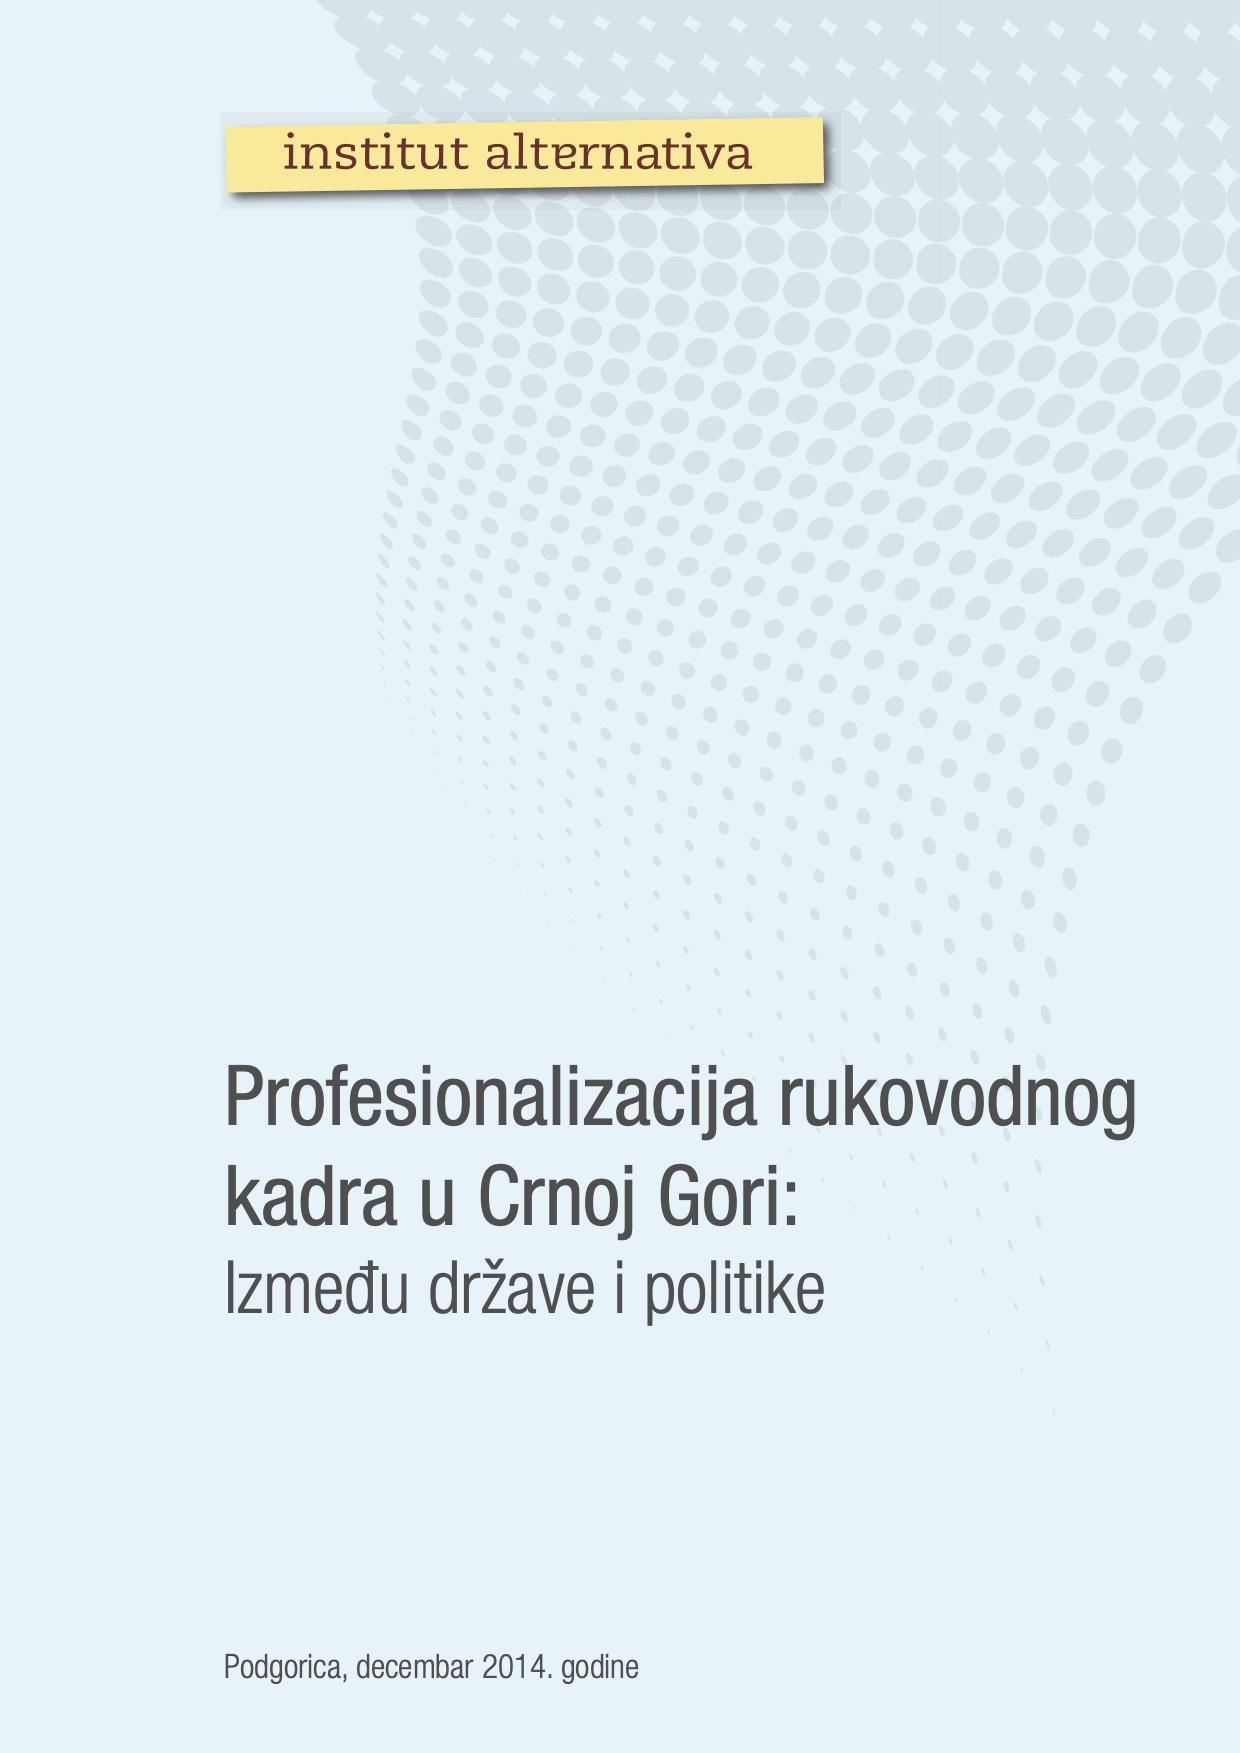 Profesionalizacija rukovodnog kadra u Crnoj Gori